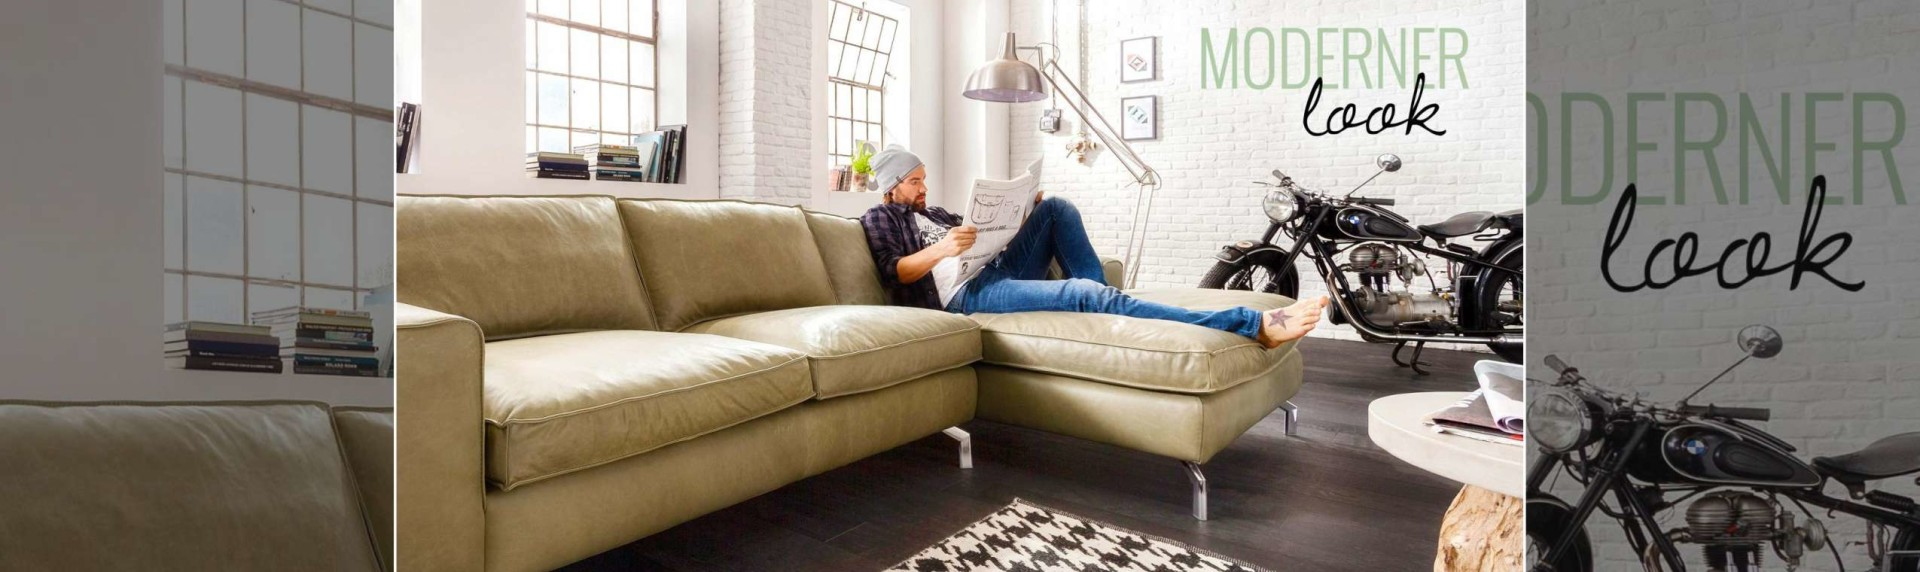 sofas in eisenach bei uns sind sie richtig m bel cranz und sch fer k chen einrichten. Black Bedroom Furniture Sets. Home Design Ideas